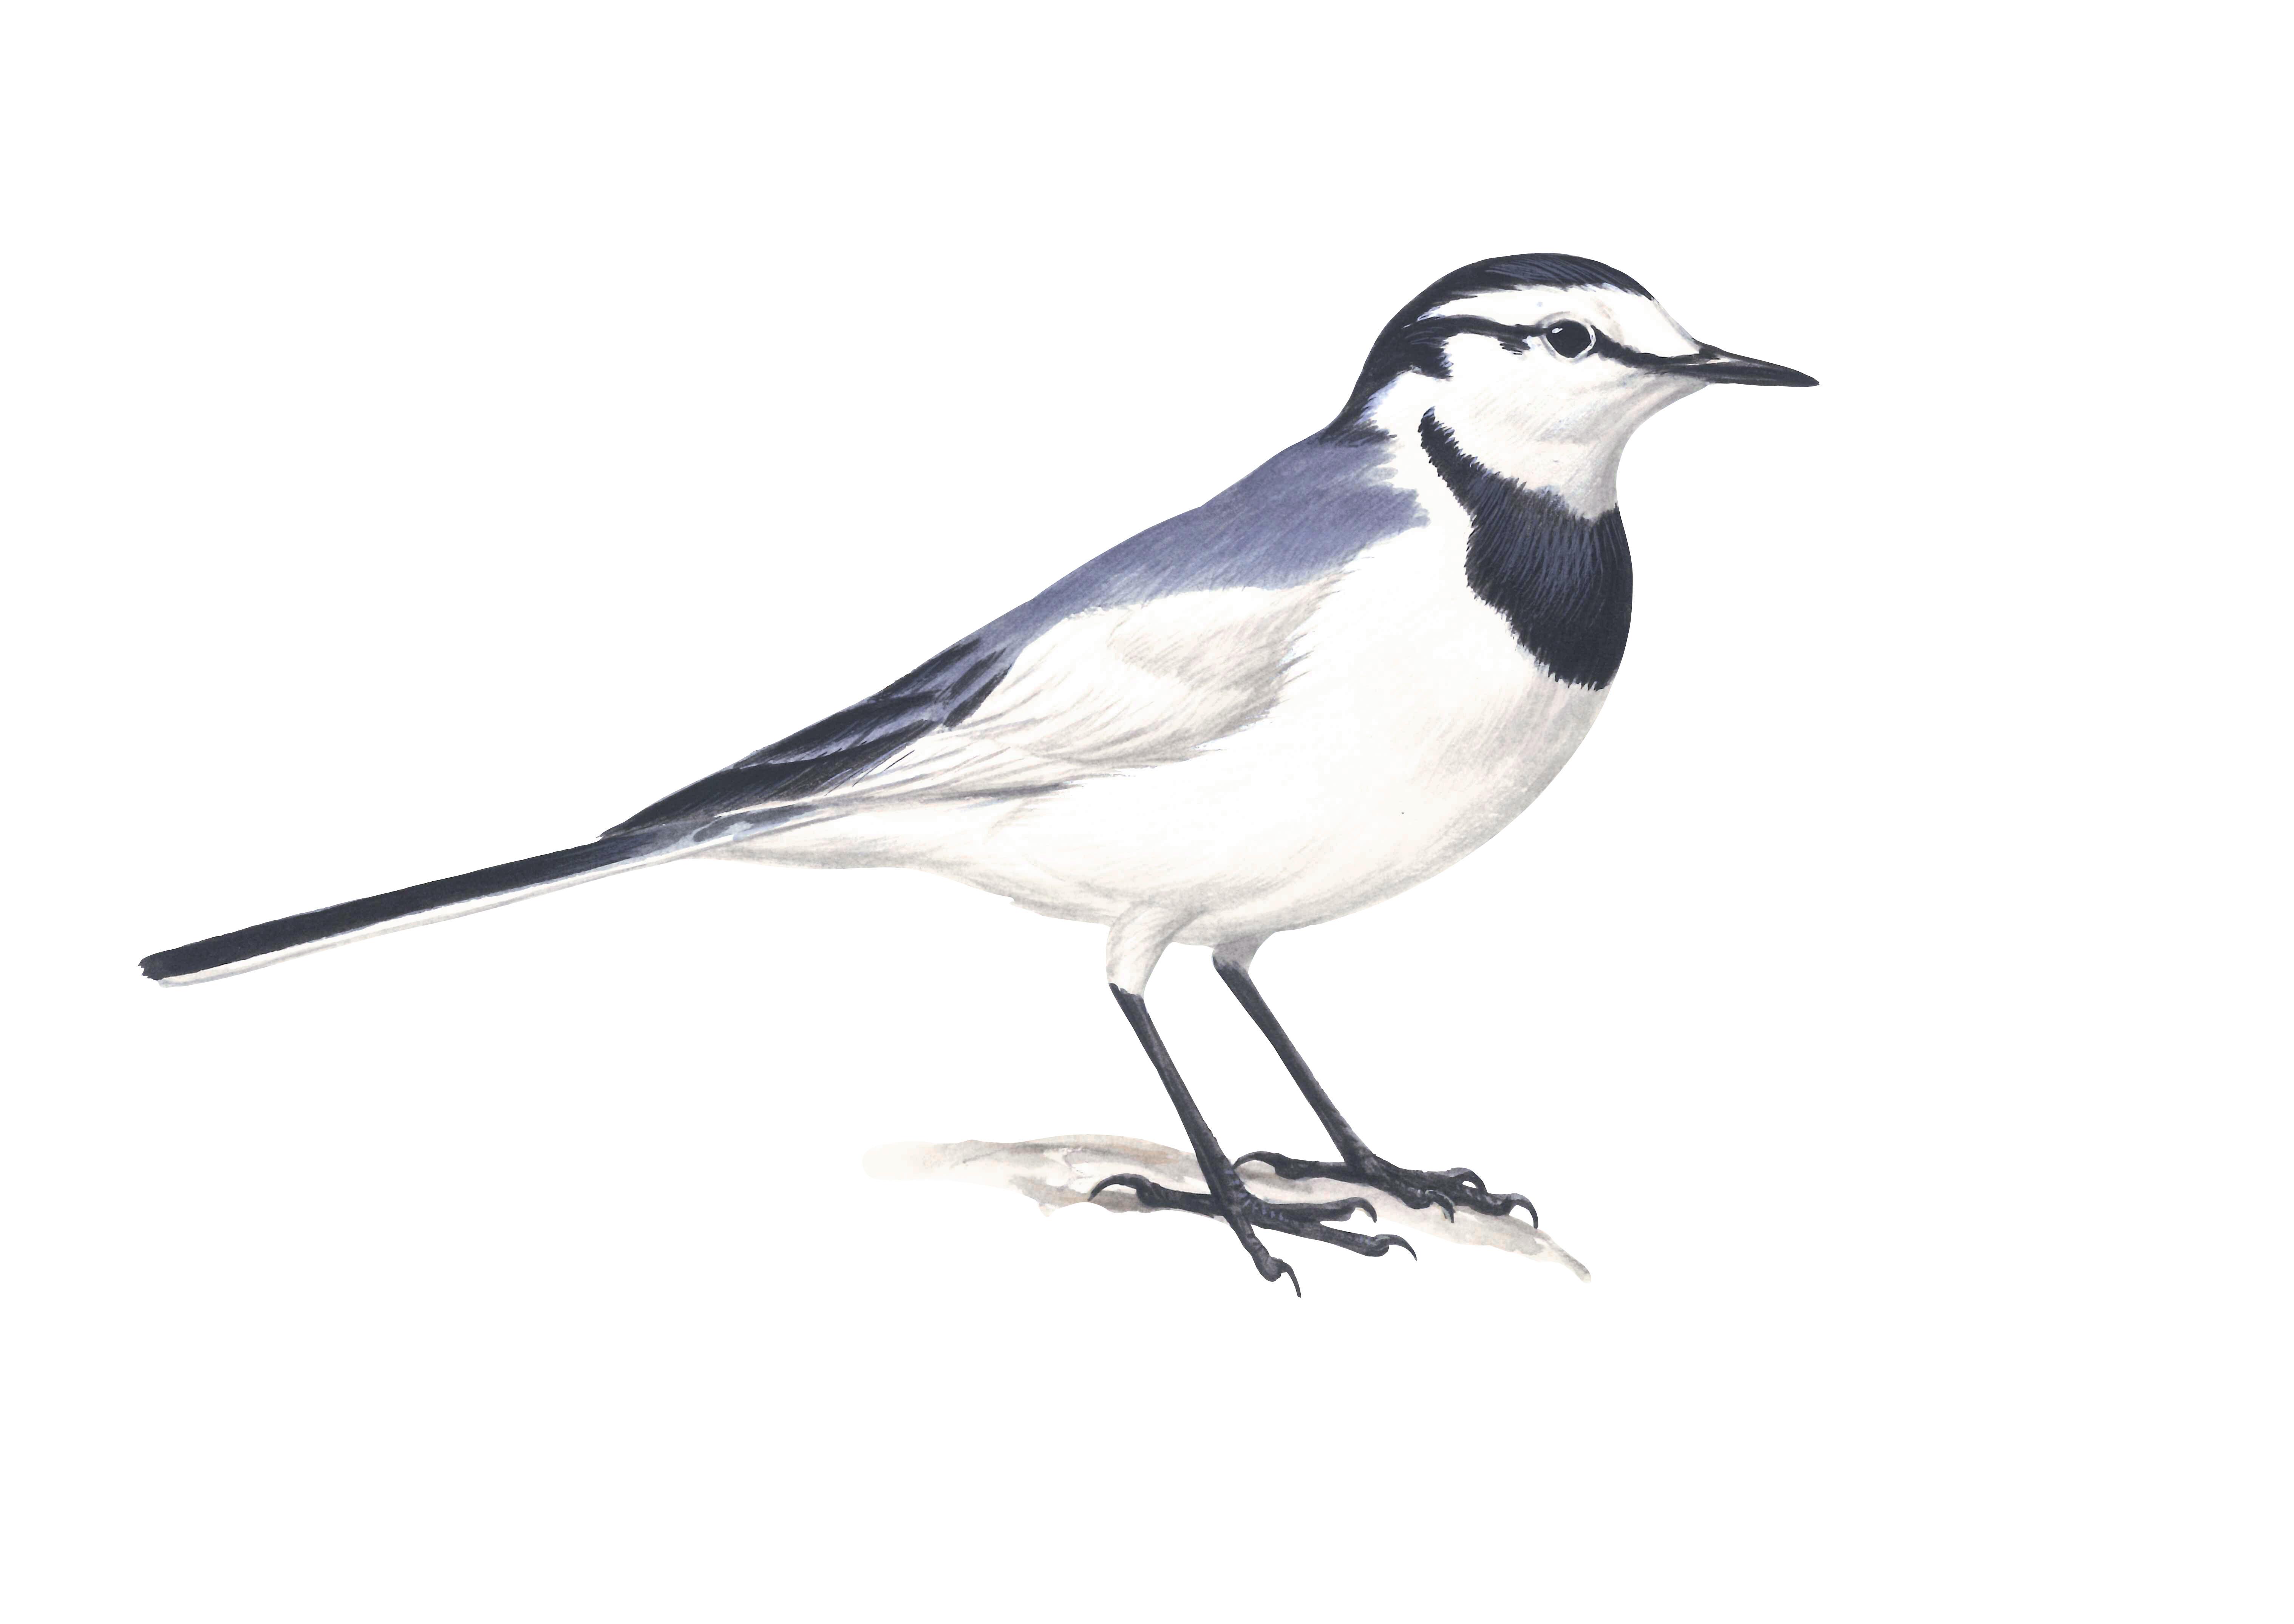 ハクセキレイ日本の鳥百科サントリーの愛鳥活動